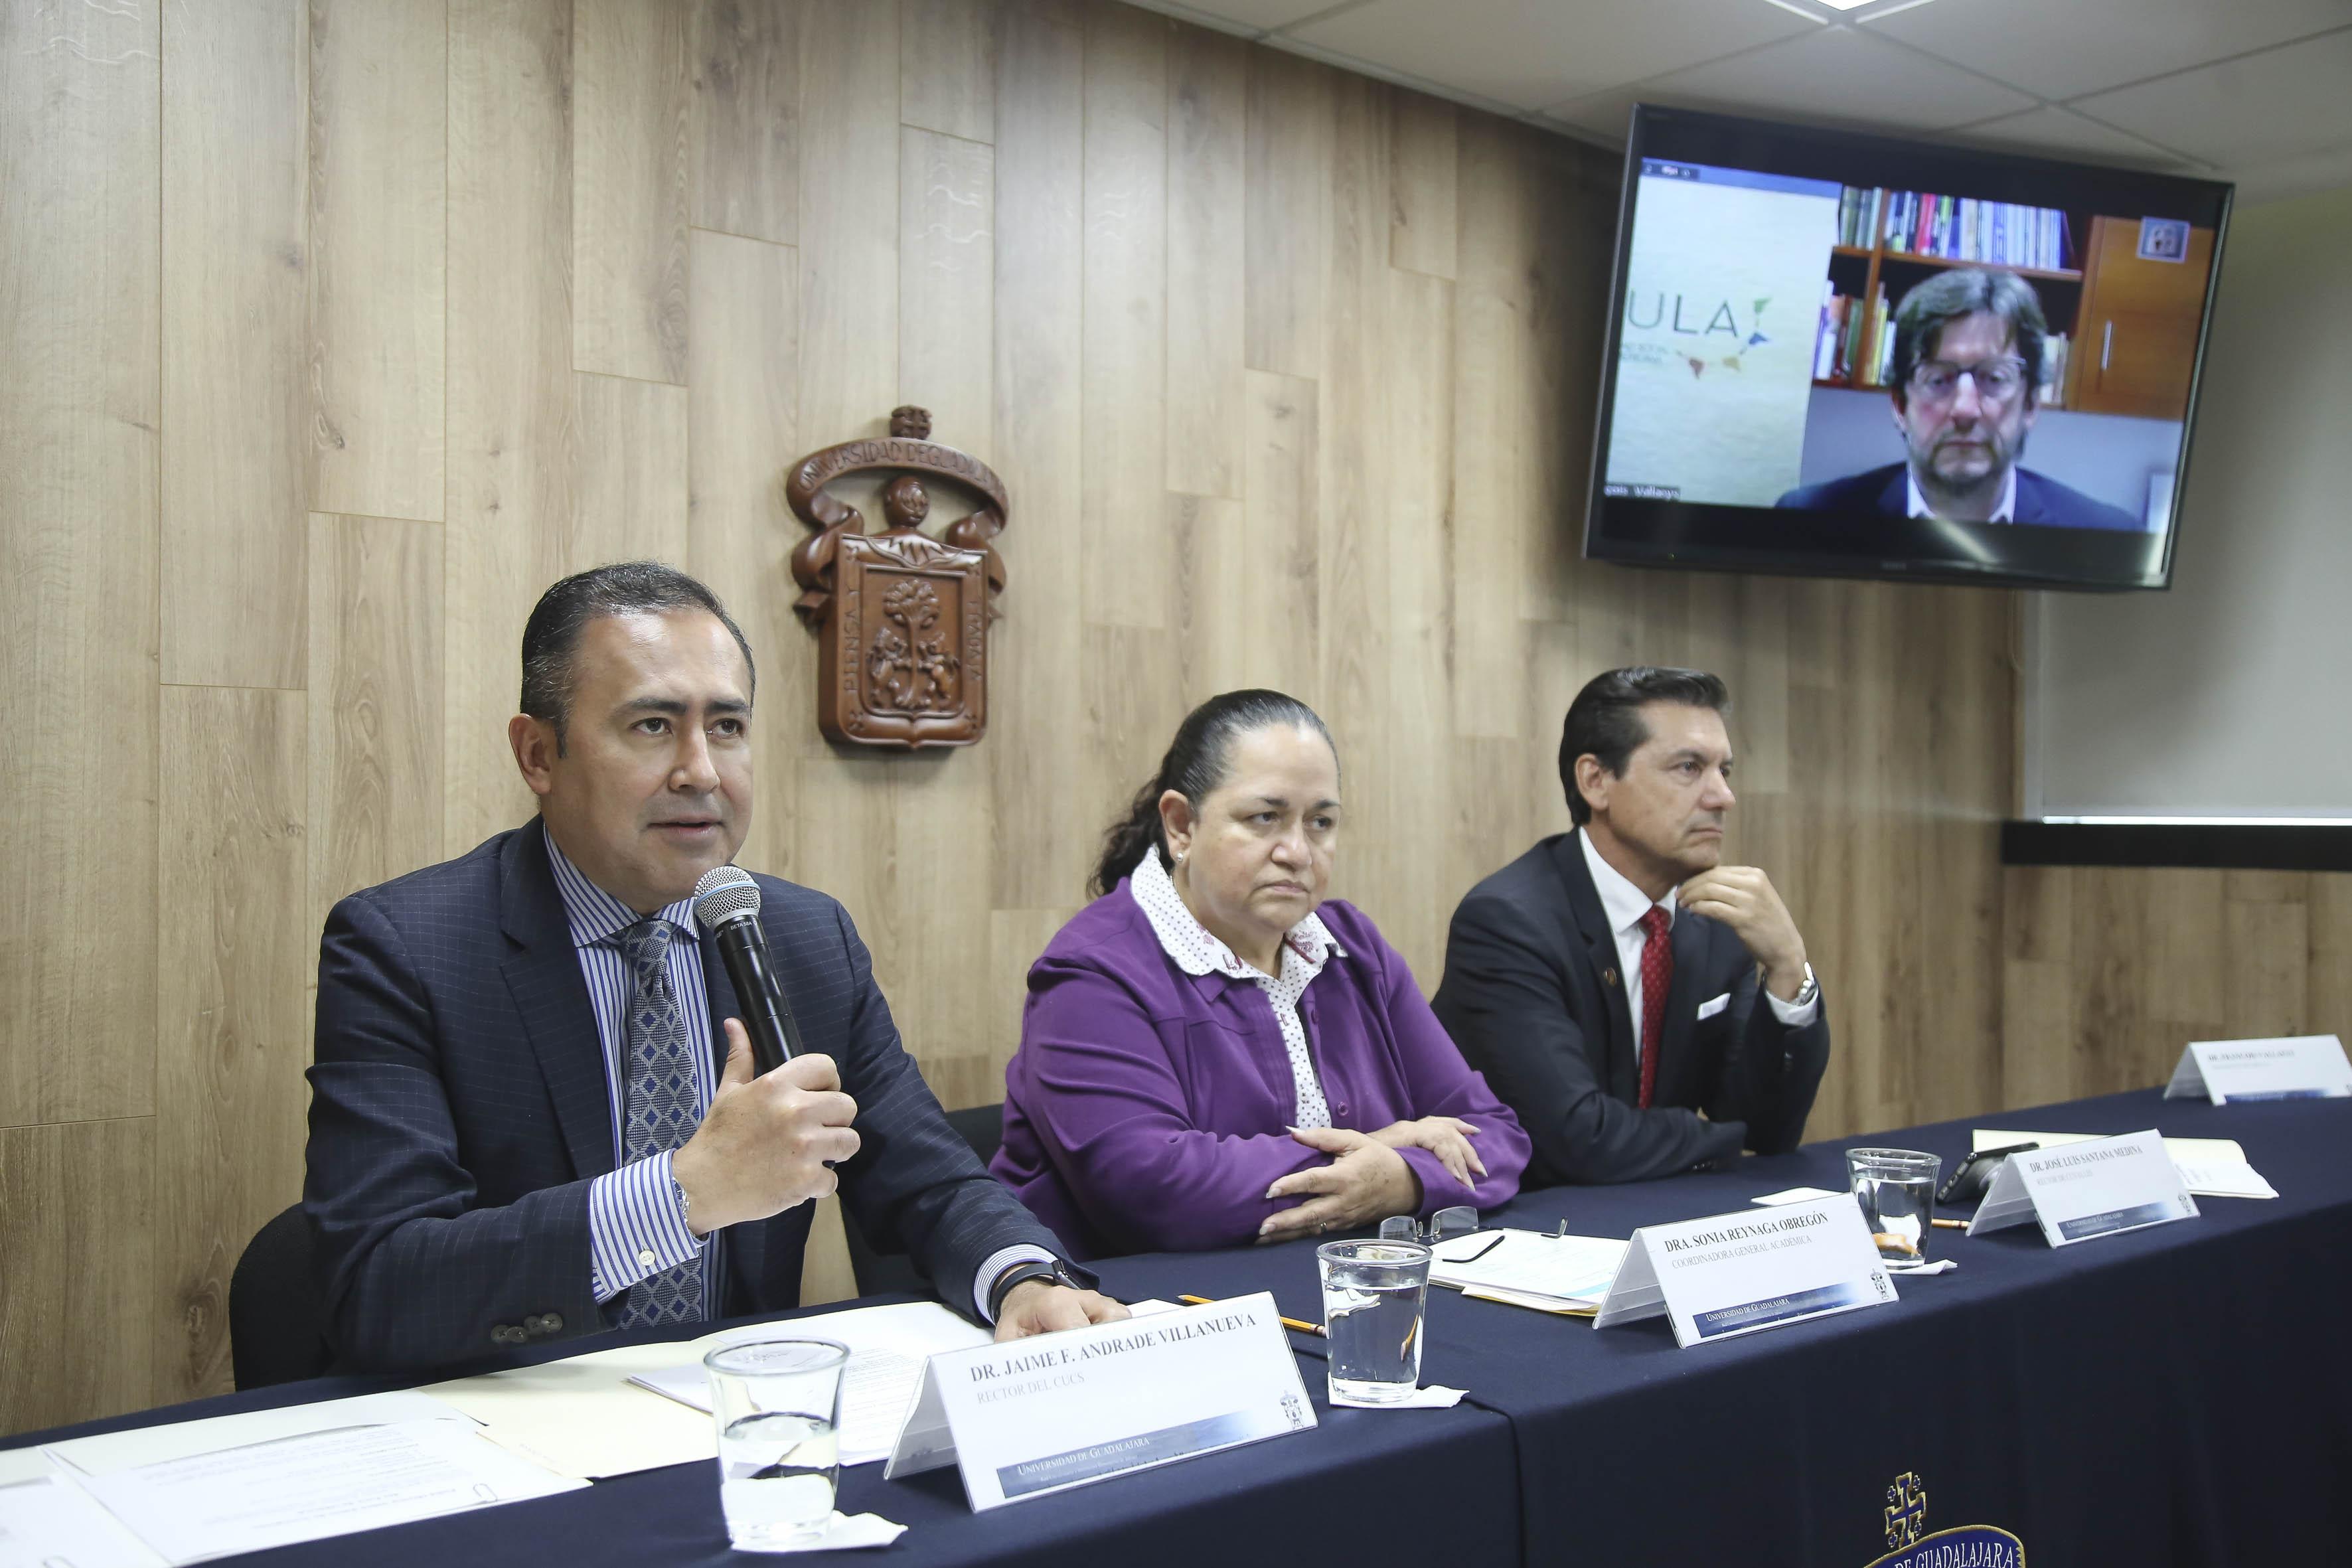 Rector CUCS al micrófono en Rueda de Prensa junto con los miembros del presídium